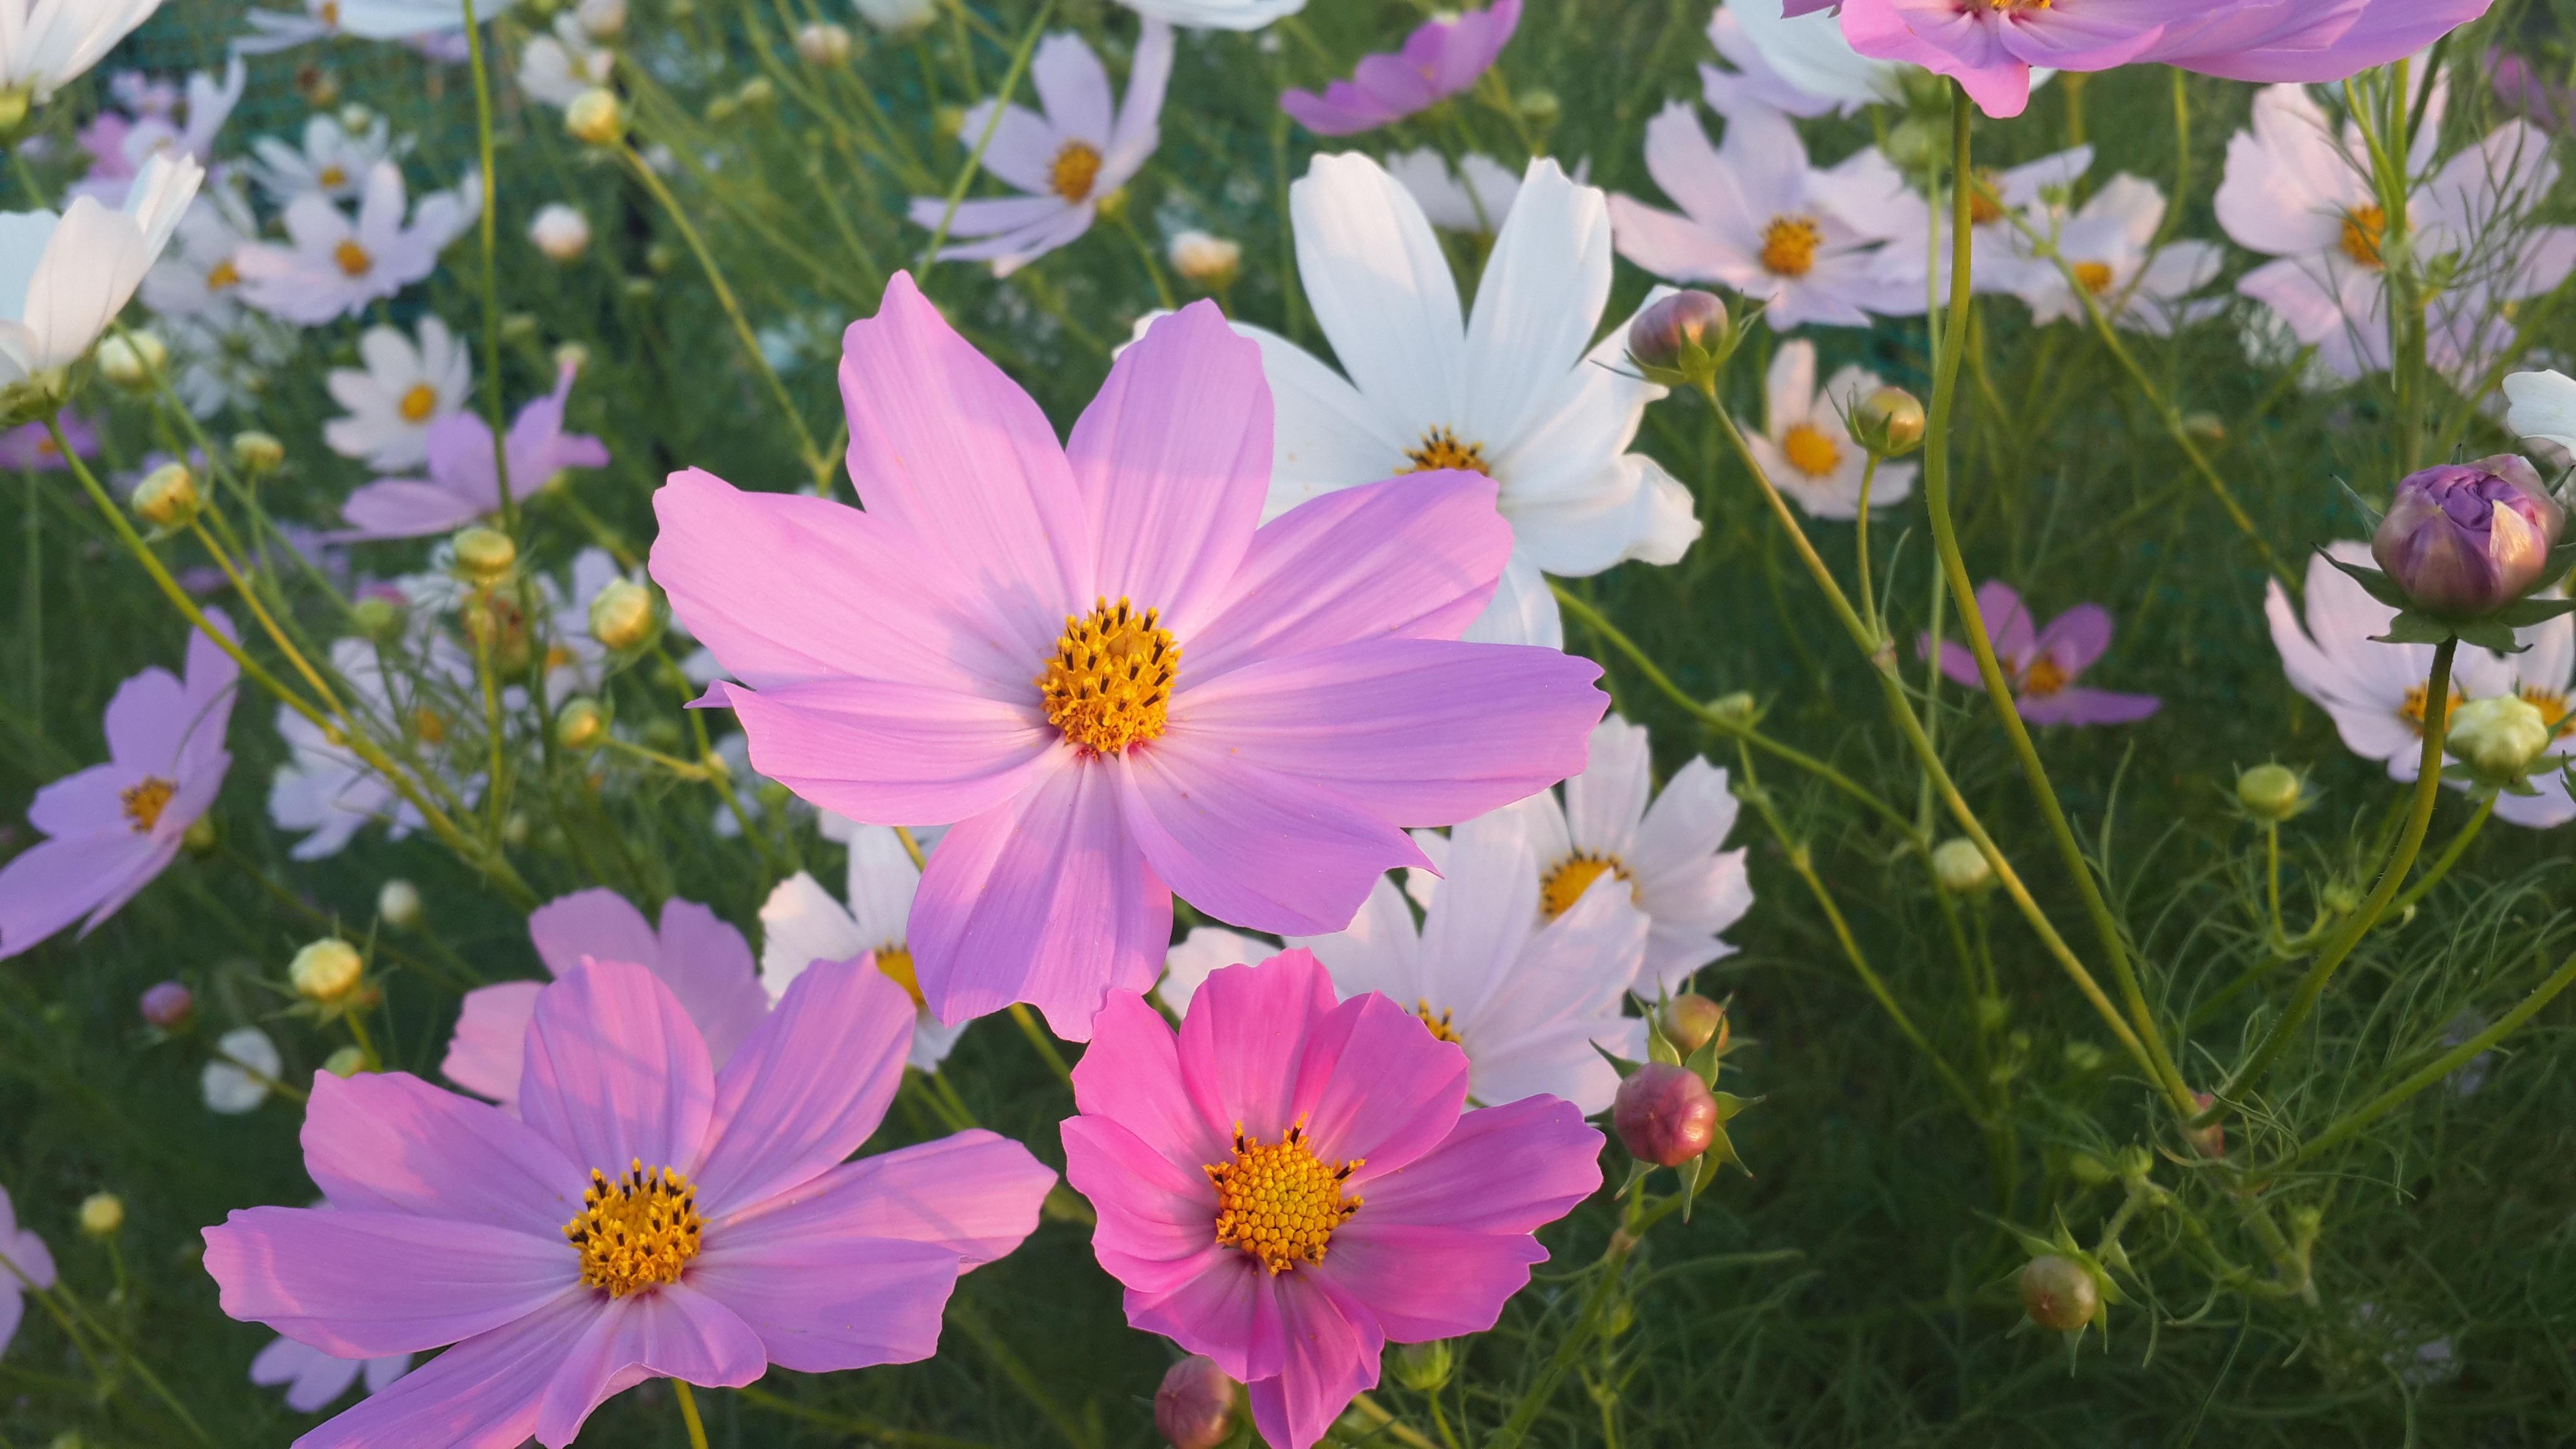 картинки цветы садовые полевые на телефон обои звезда удивляется тому